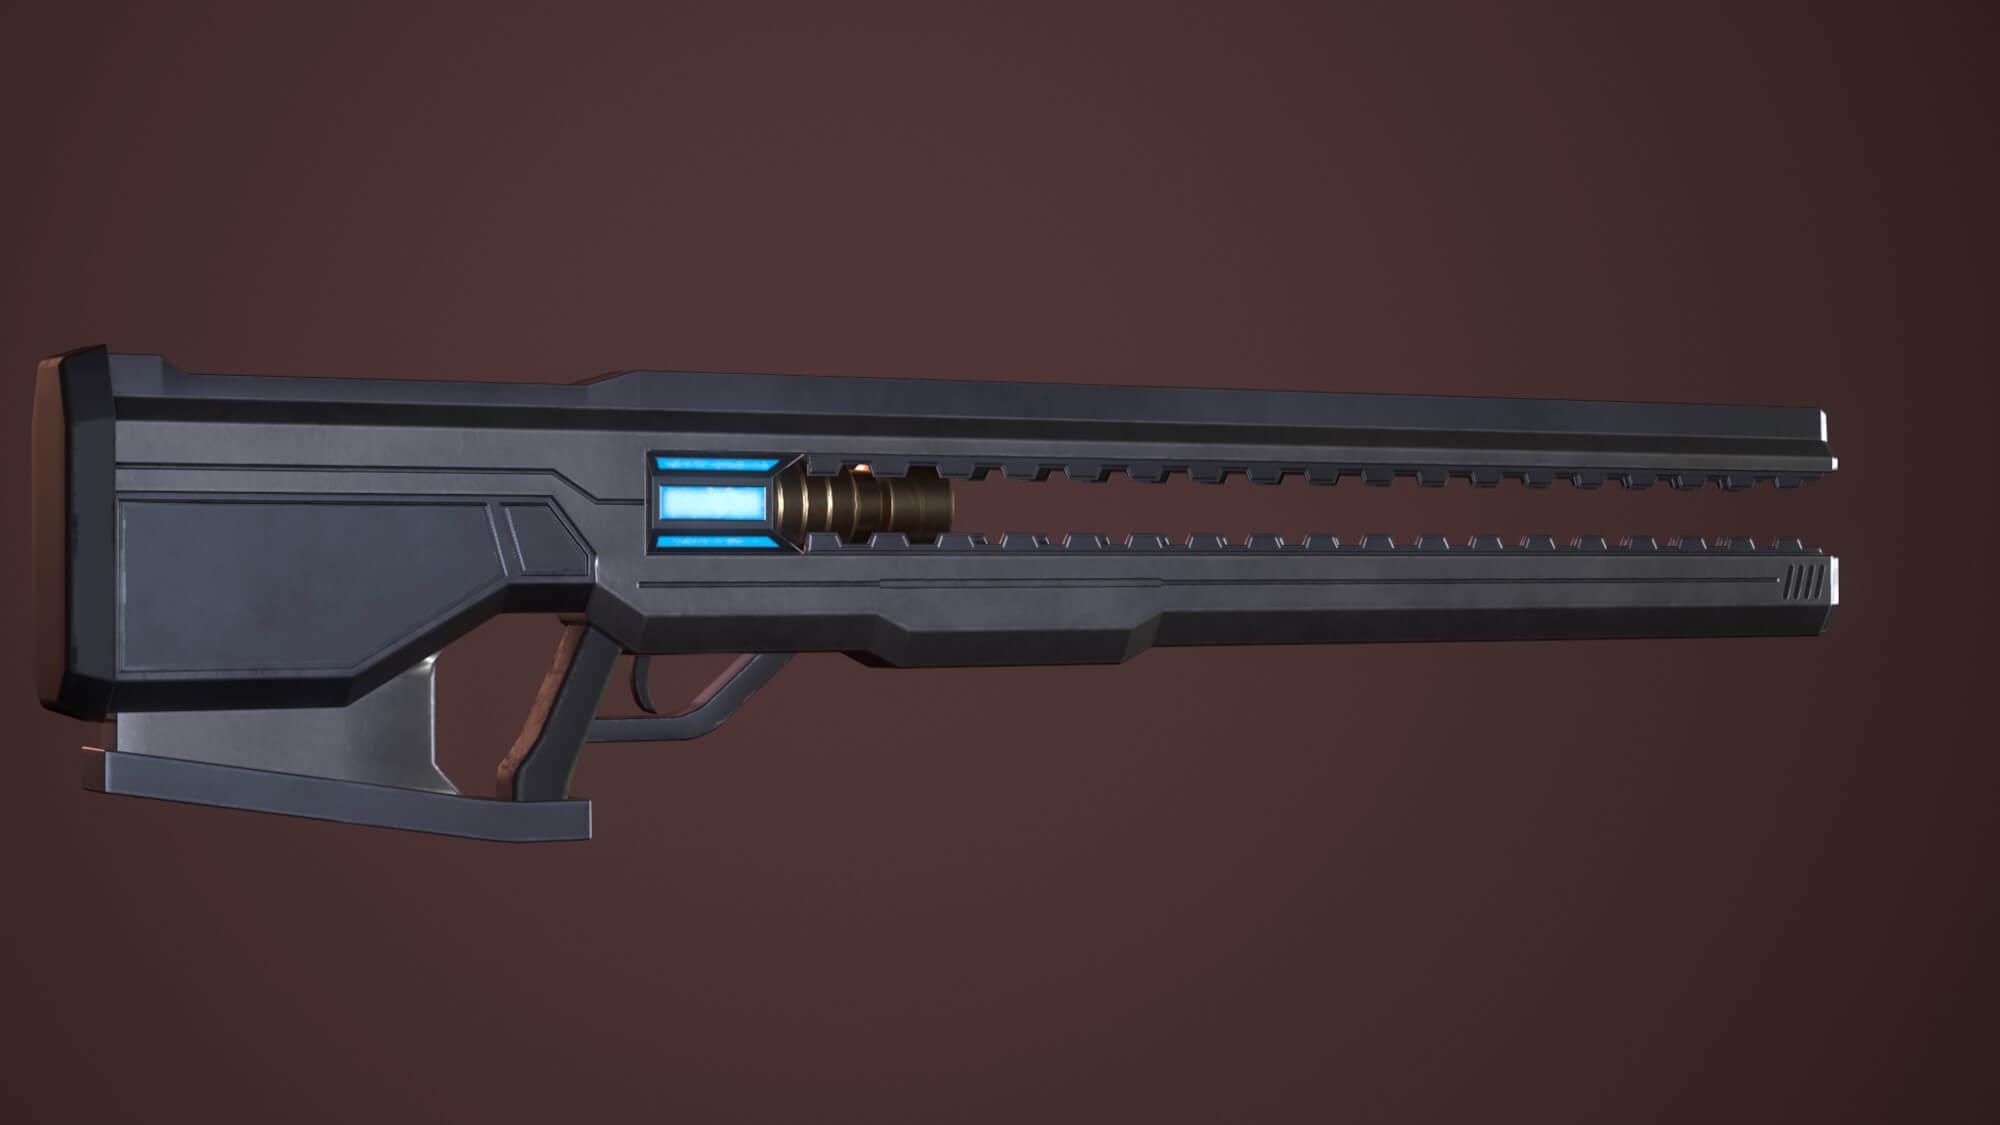 a two-handed rail gun